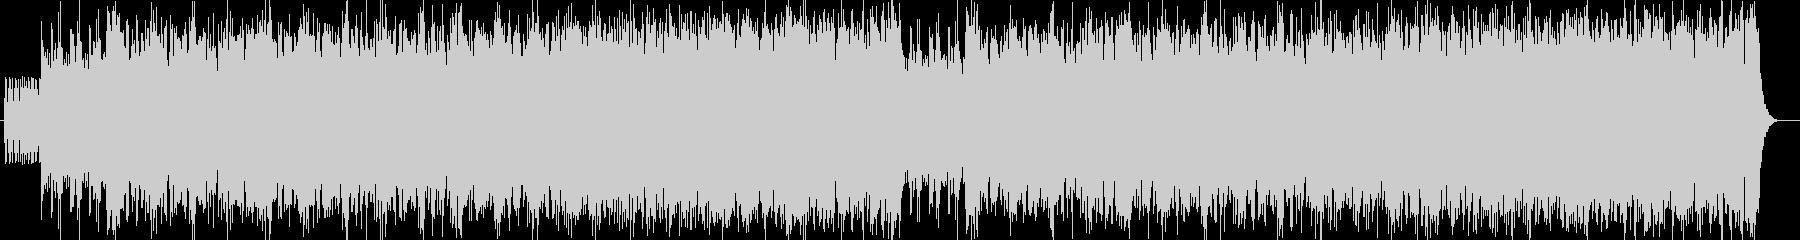 勢いのあるシンセサイザーサウンドの未再生の波形